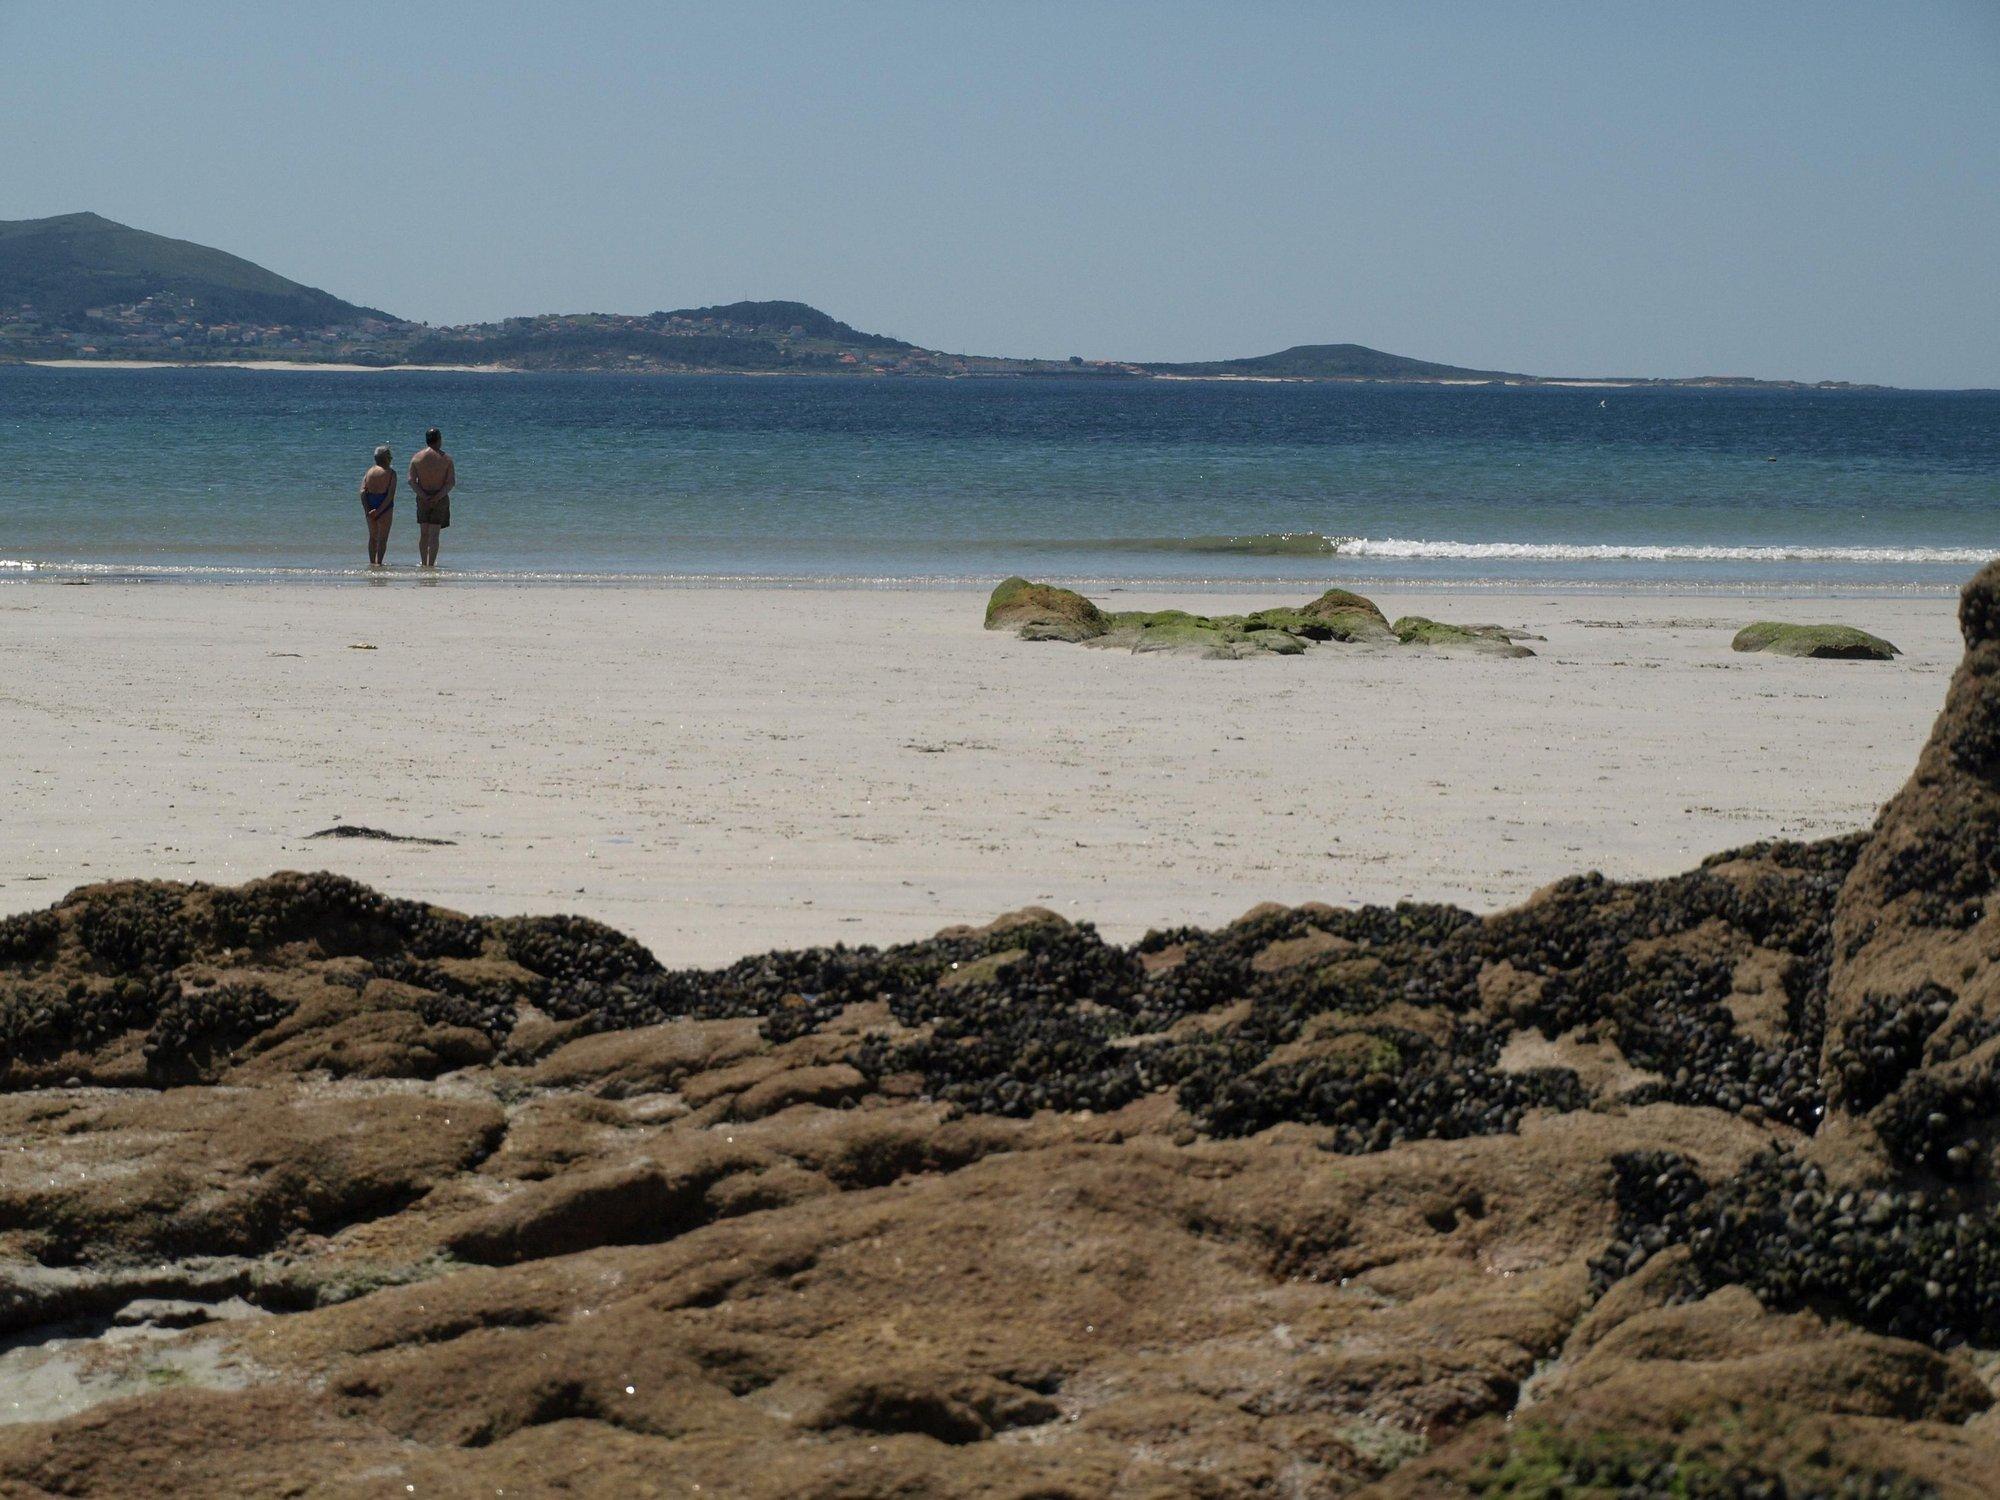 ONG ecologistas temen que la Ley de Costas privatice el litoral